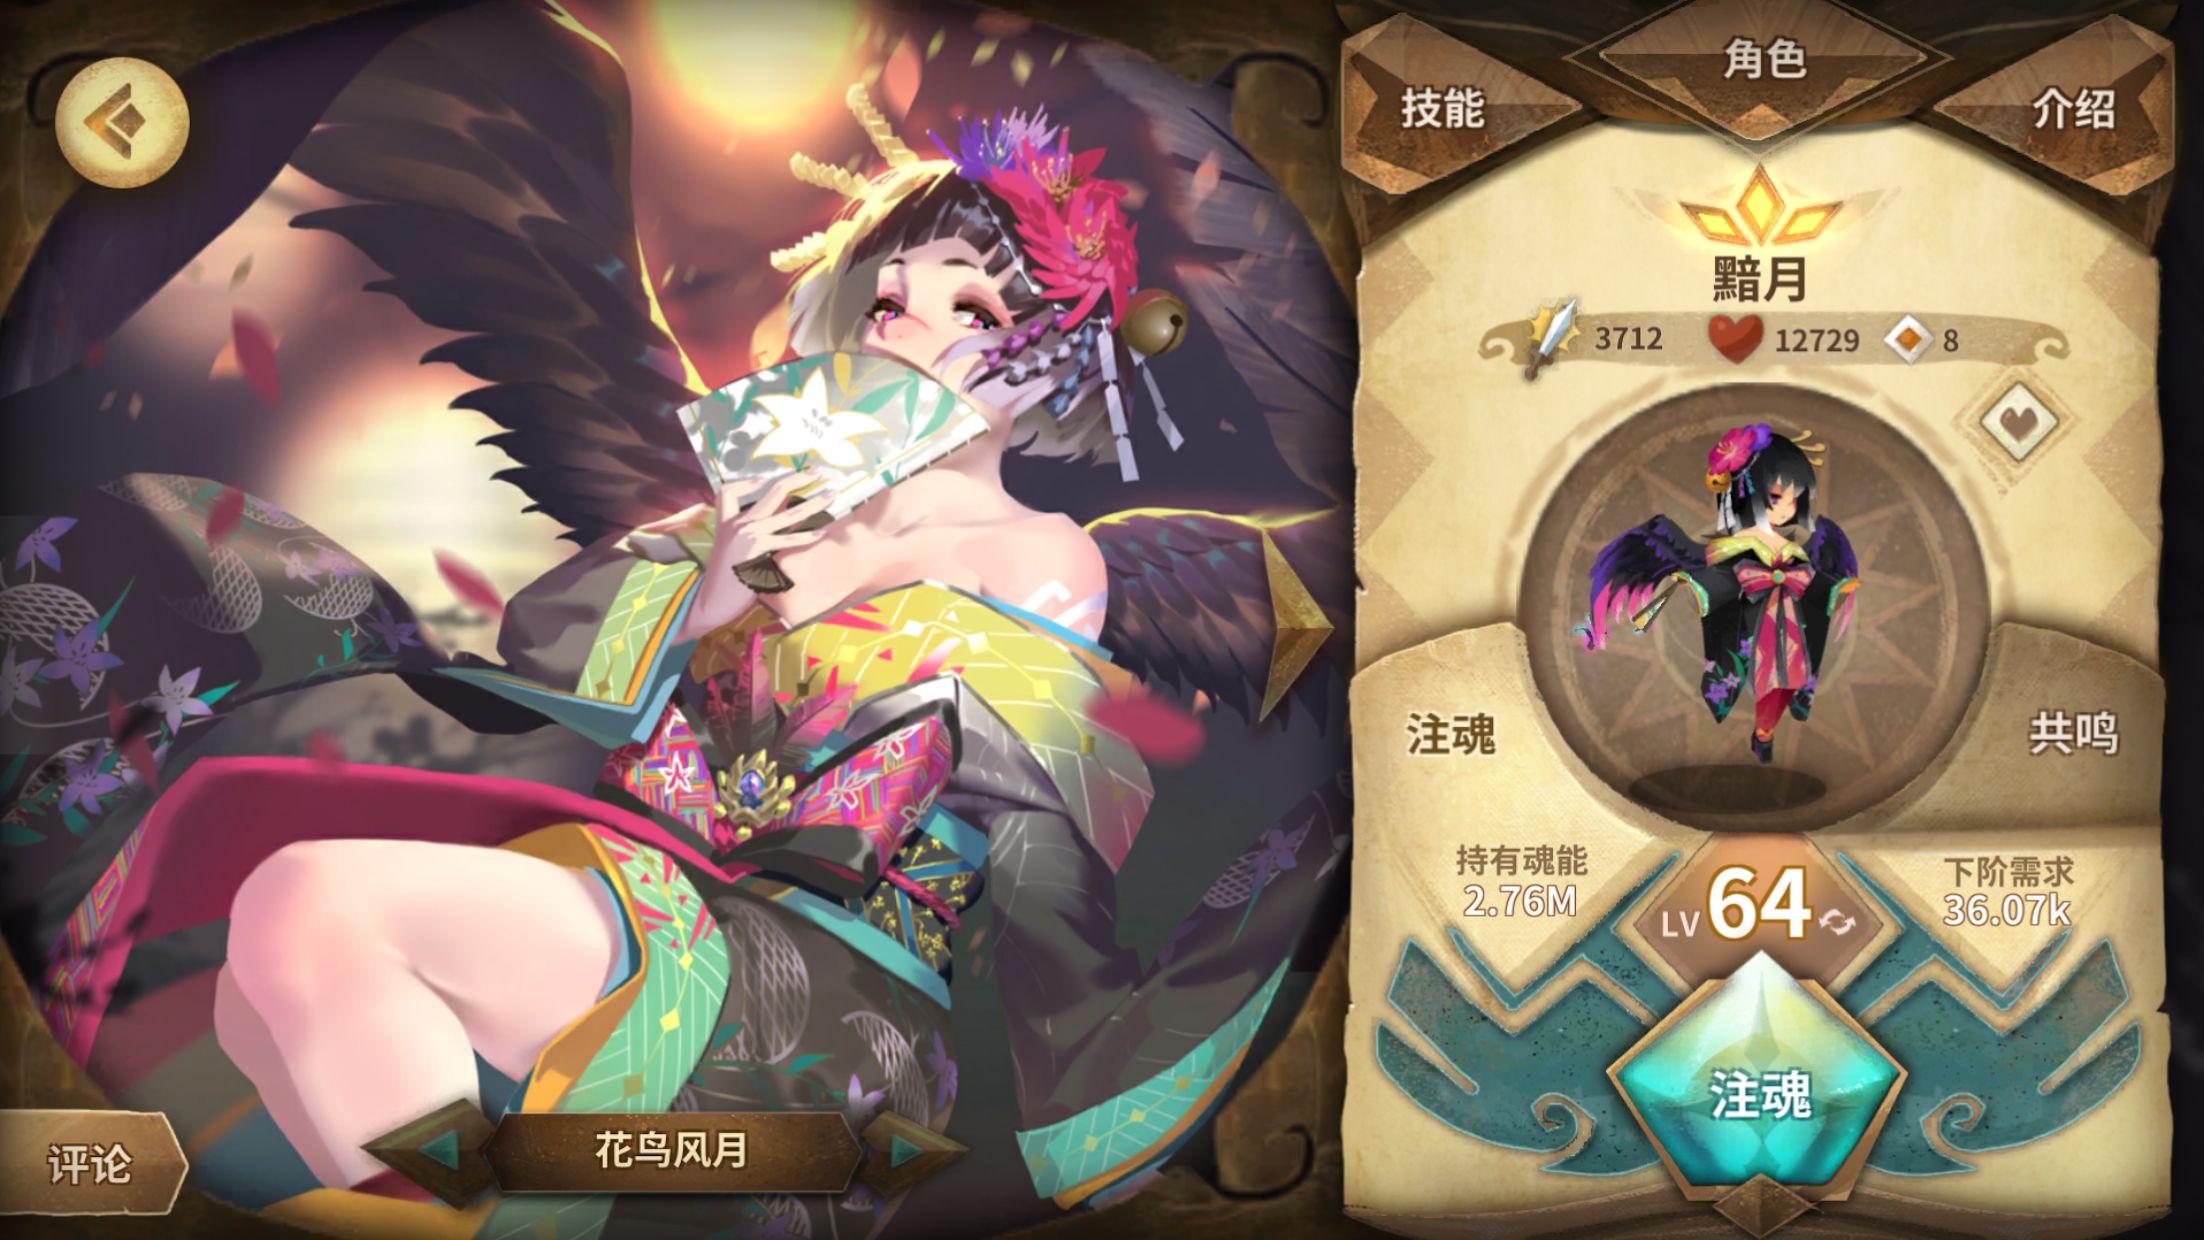 万象物语(国际版) 游戏截图2